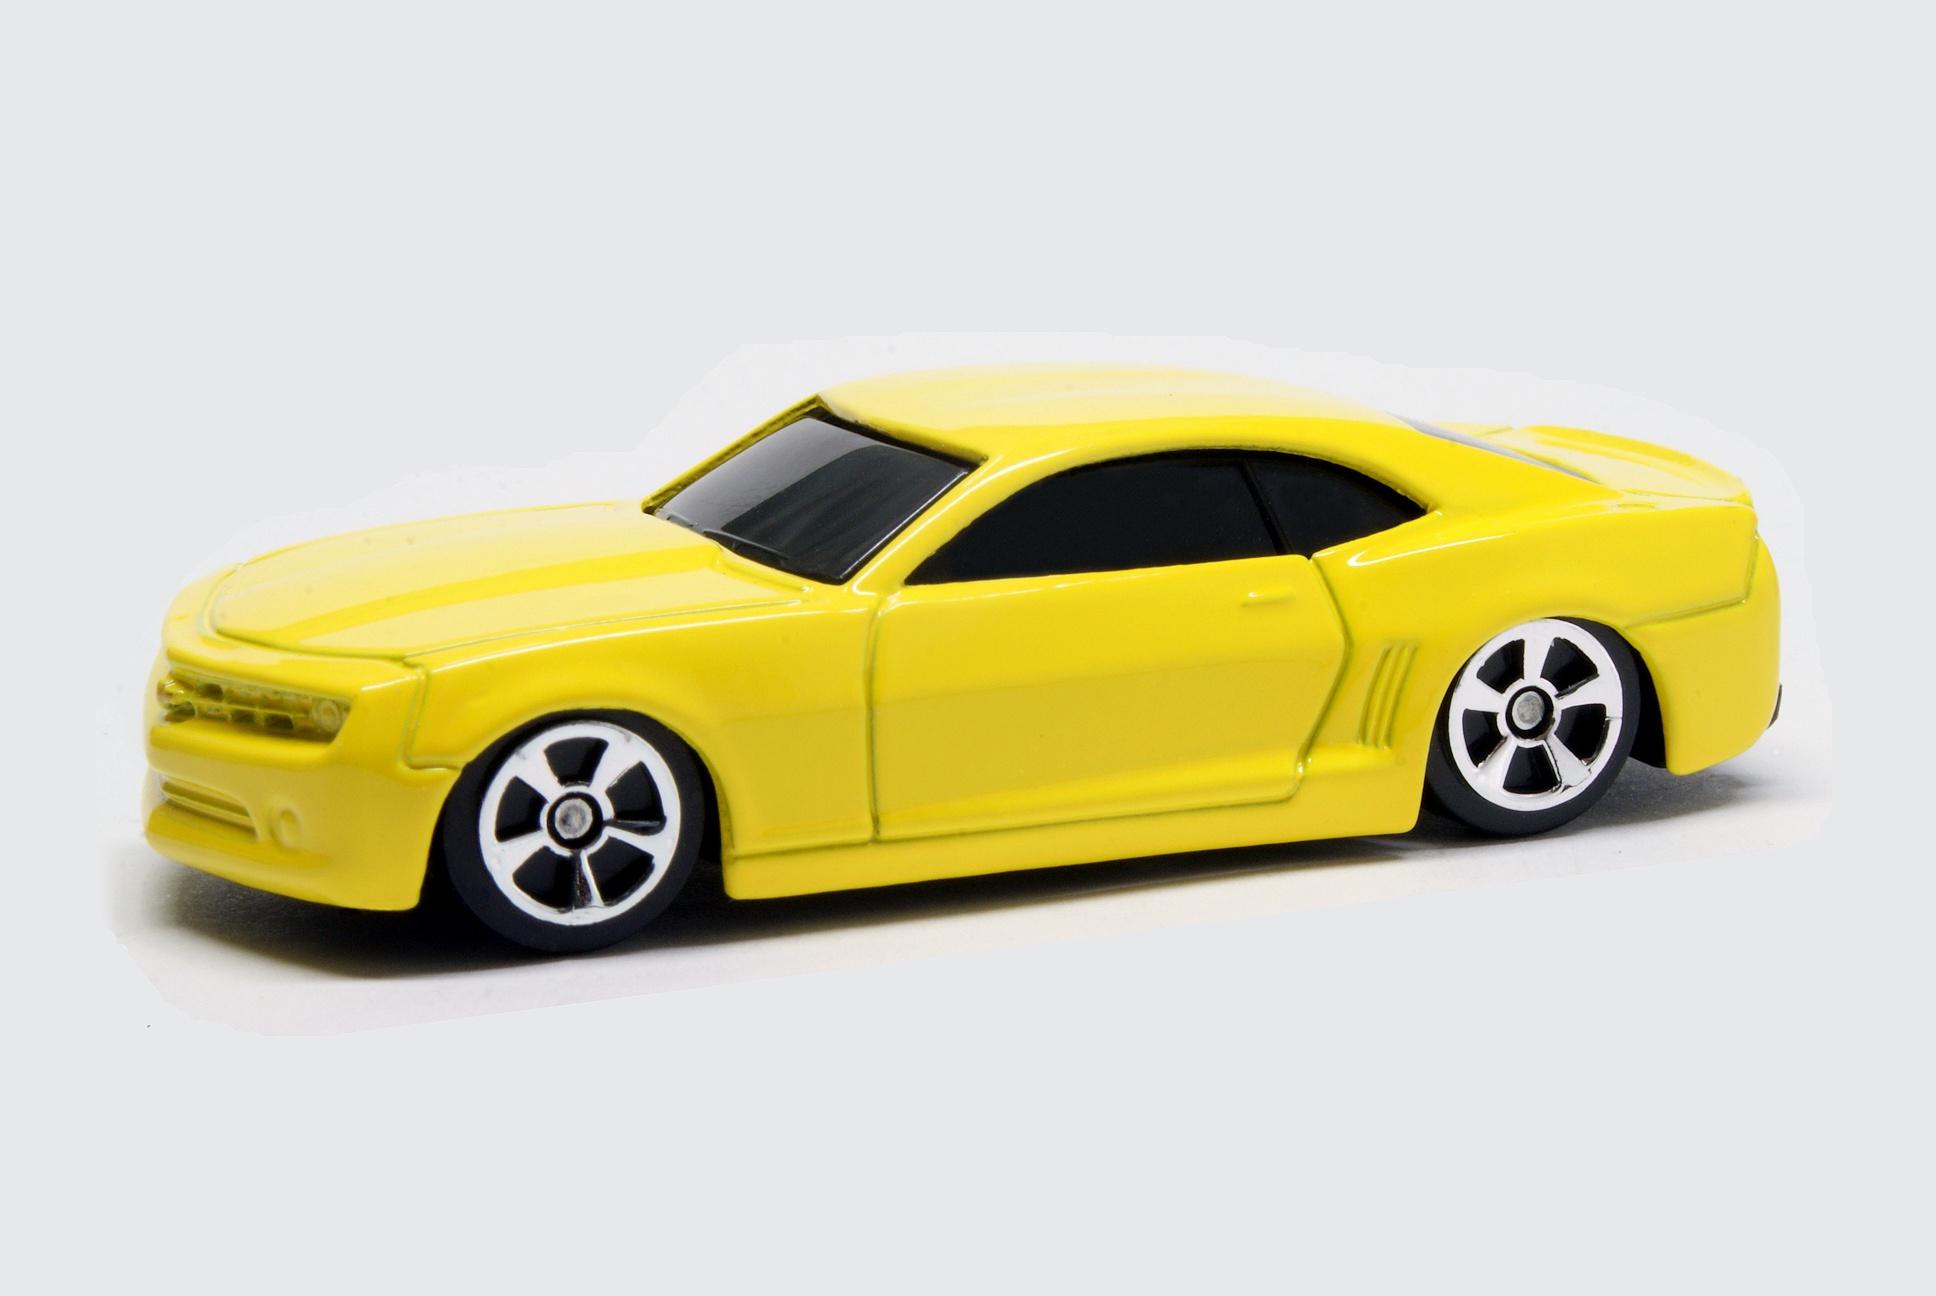 2006 Chevrolet Camaro Concept Maisto Diecast Wiki